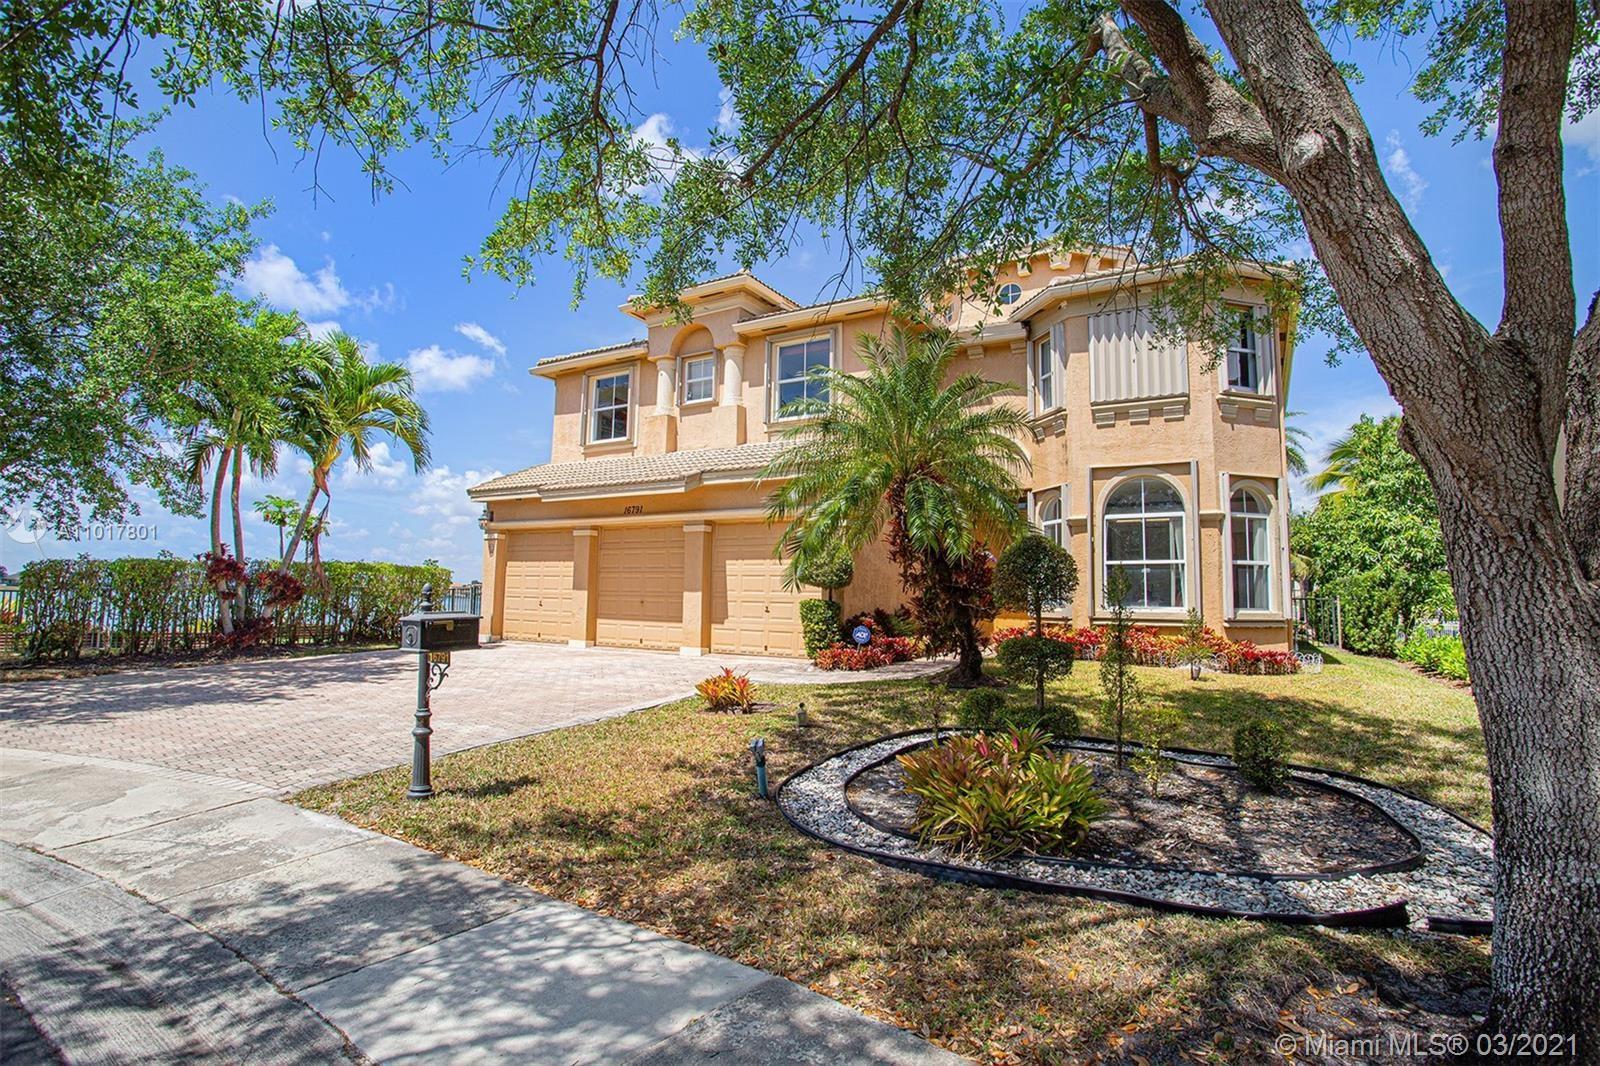 16791 SW 14th St, Pembroke Pines, FL 33027 - #: A11017801